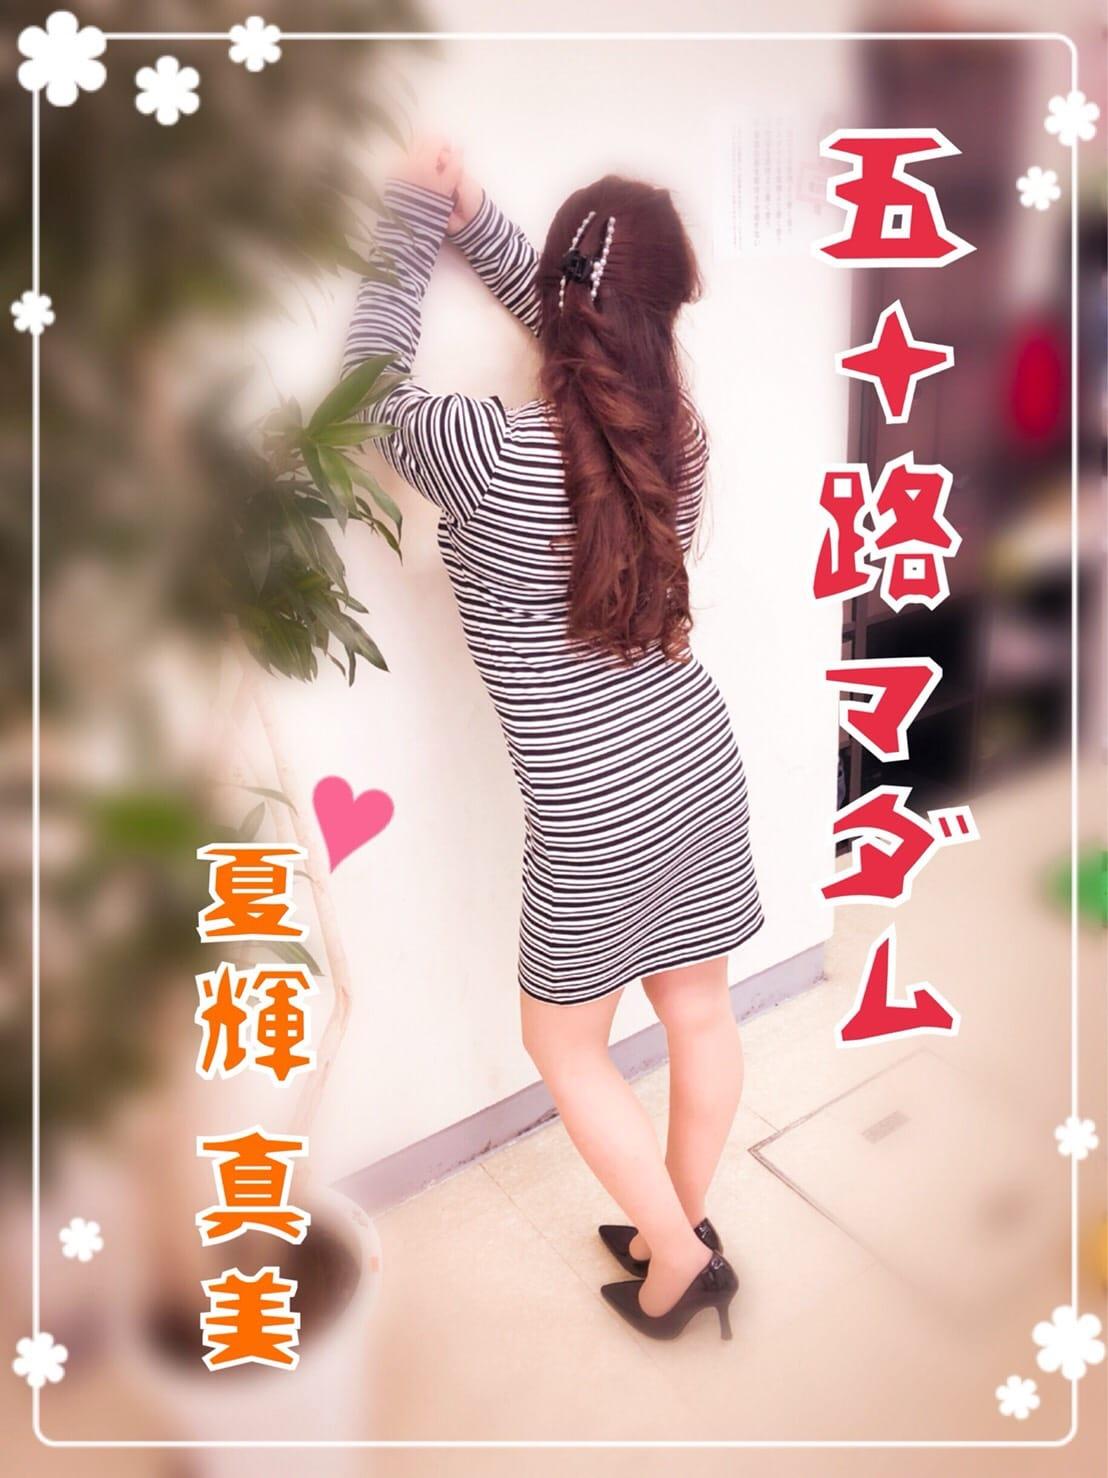 「夢32…A様」01/19(金) 19:52   夏輝真実の写メ・風俗動画